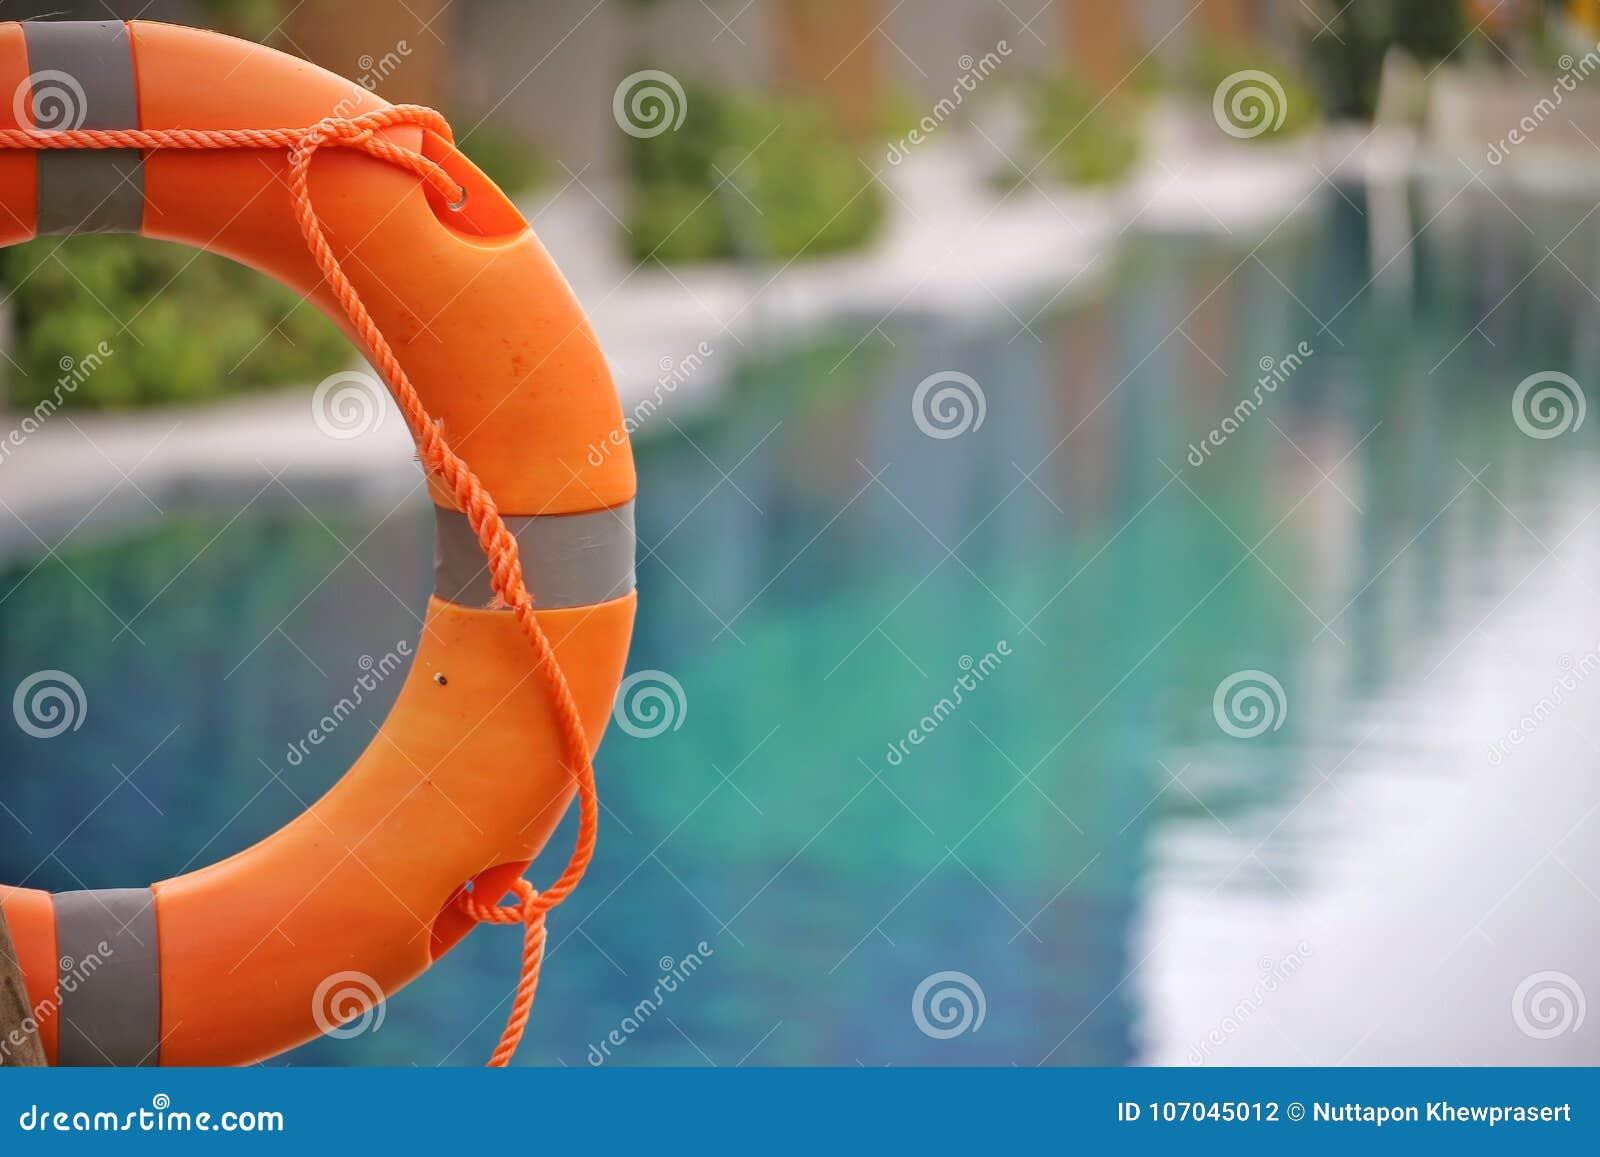 Rettungsring, Schwimmweste, Rettungsring, Rettungsgürtel, der am allgemeinen Swimmingpool im Unschärfehintergrund hängt Zu Konzep